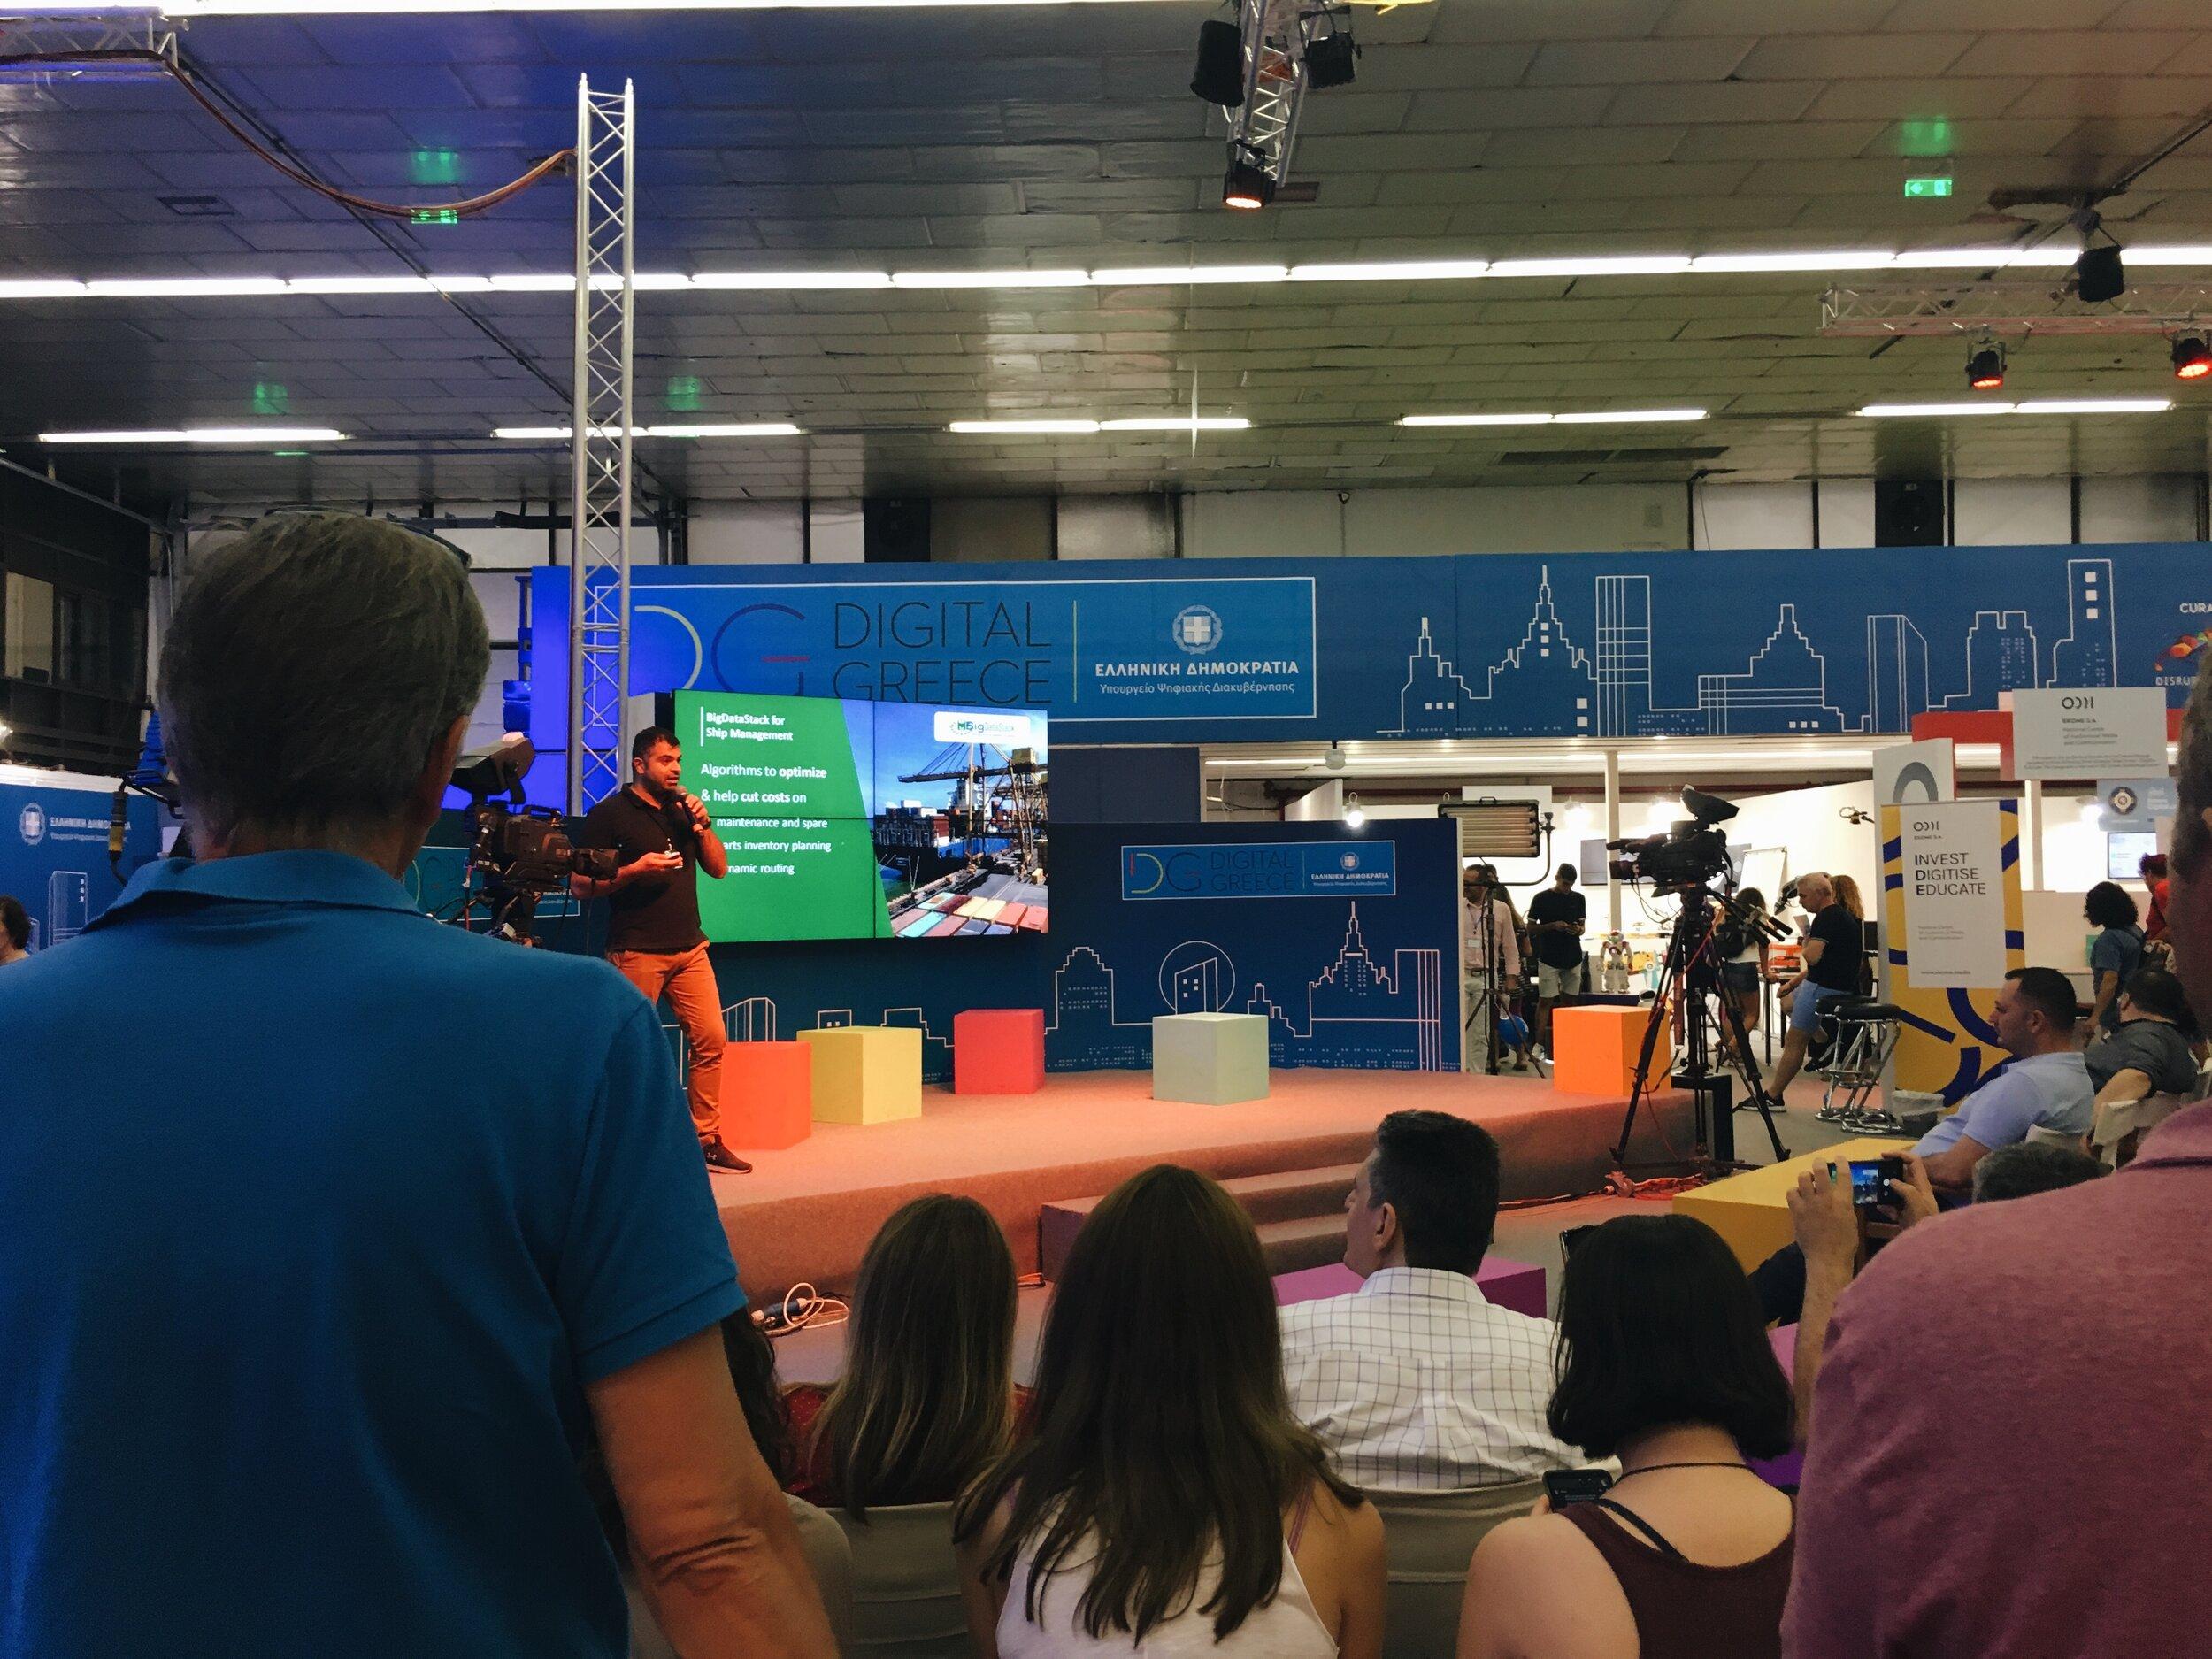 digital-greece-pavilion-stage-2019.JPG